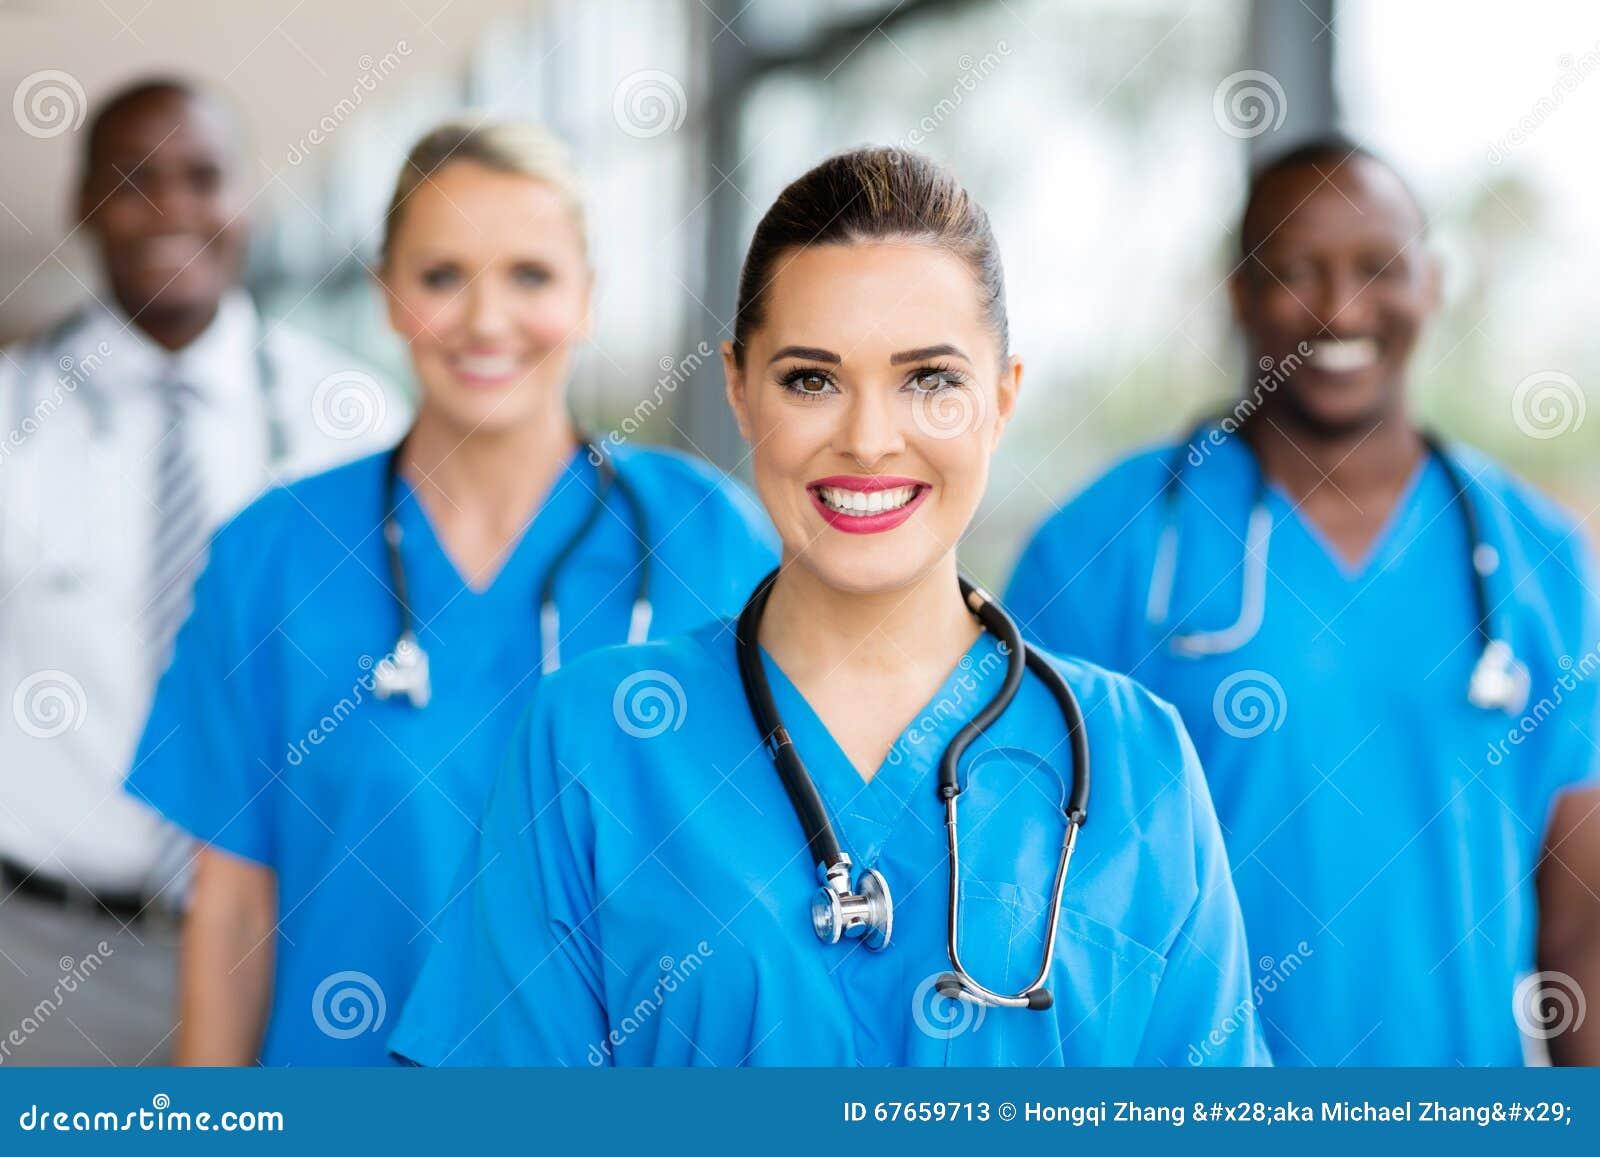 Ιατρικοί συνάδελφοι νοσοκόμων